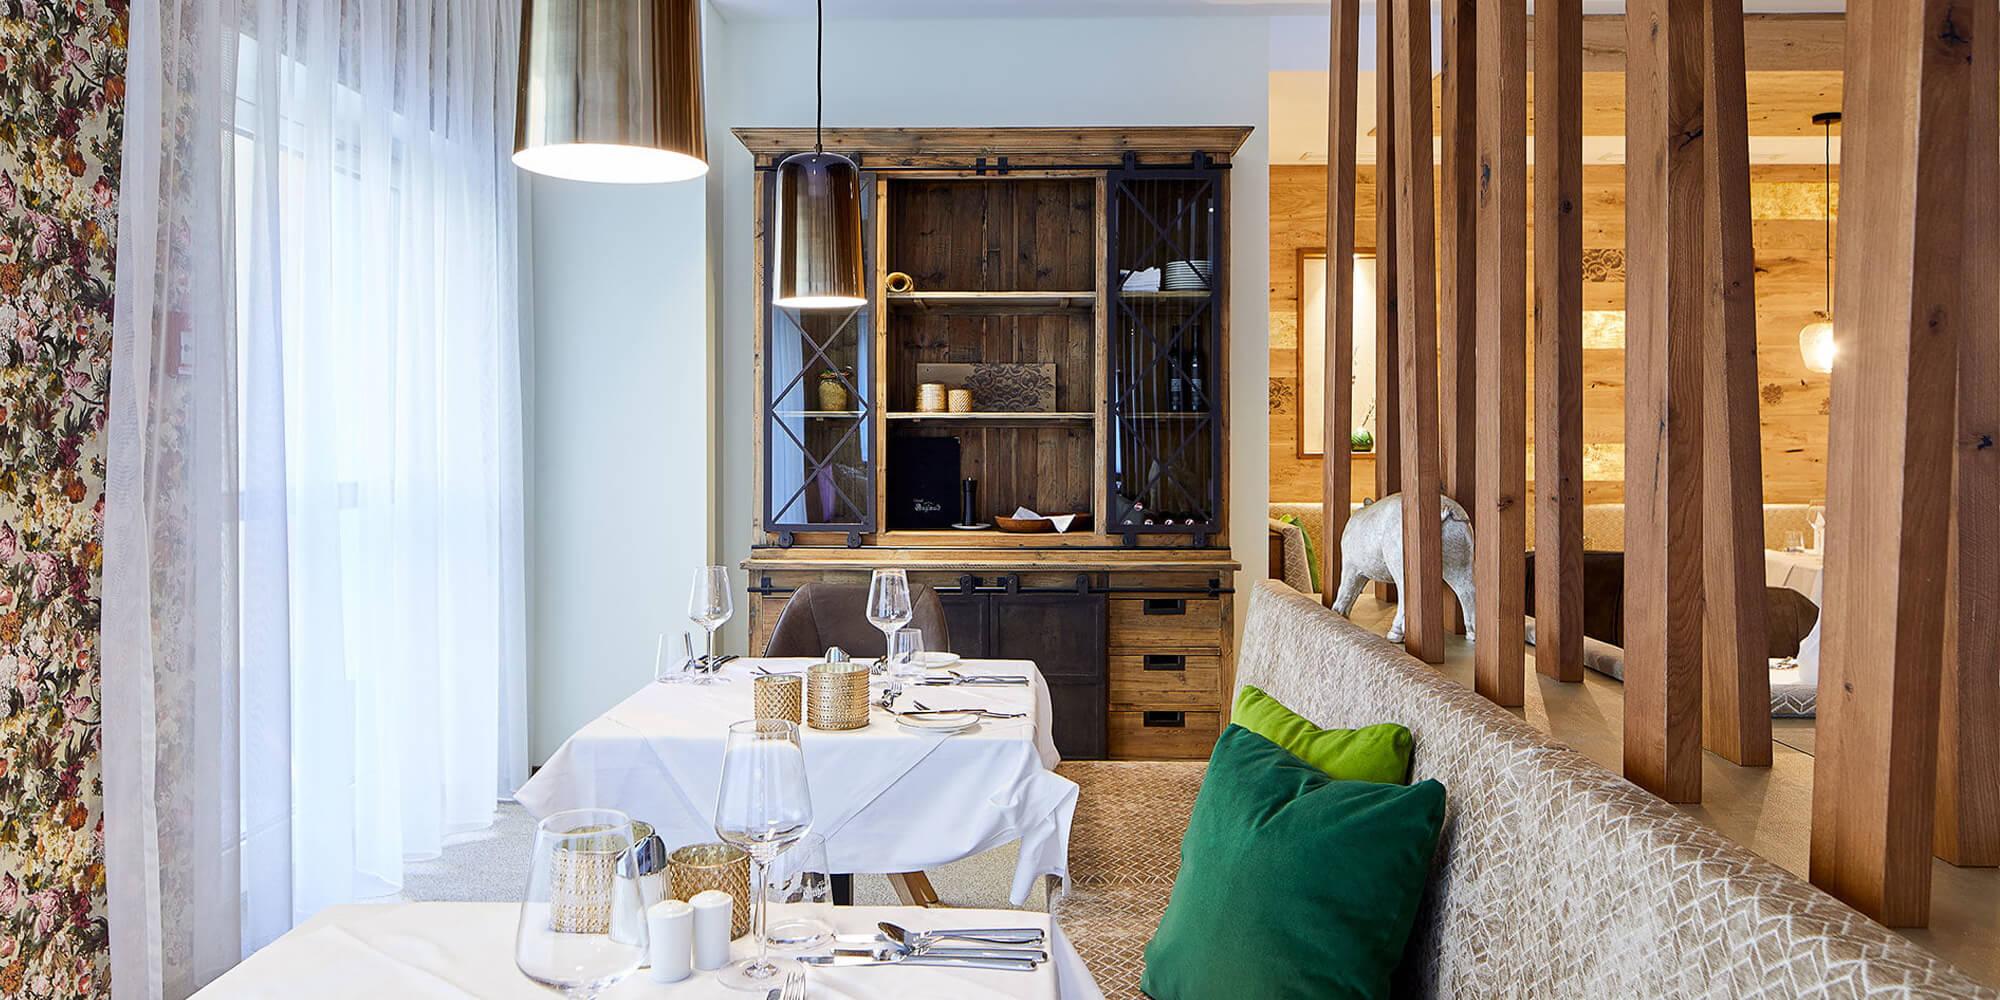 Crea-Plan-Design-Rauch-Frühmann-Architektur-Innenarchitektur-Design-Projekt-Referenz-Hotelerie-Gastronomie-Hotel-Guglwald-Restaurant-F